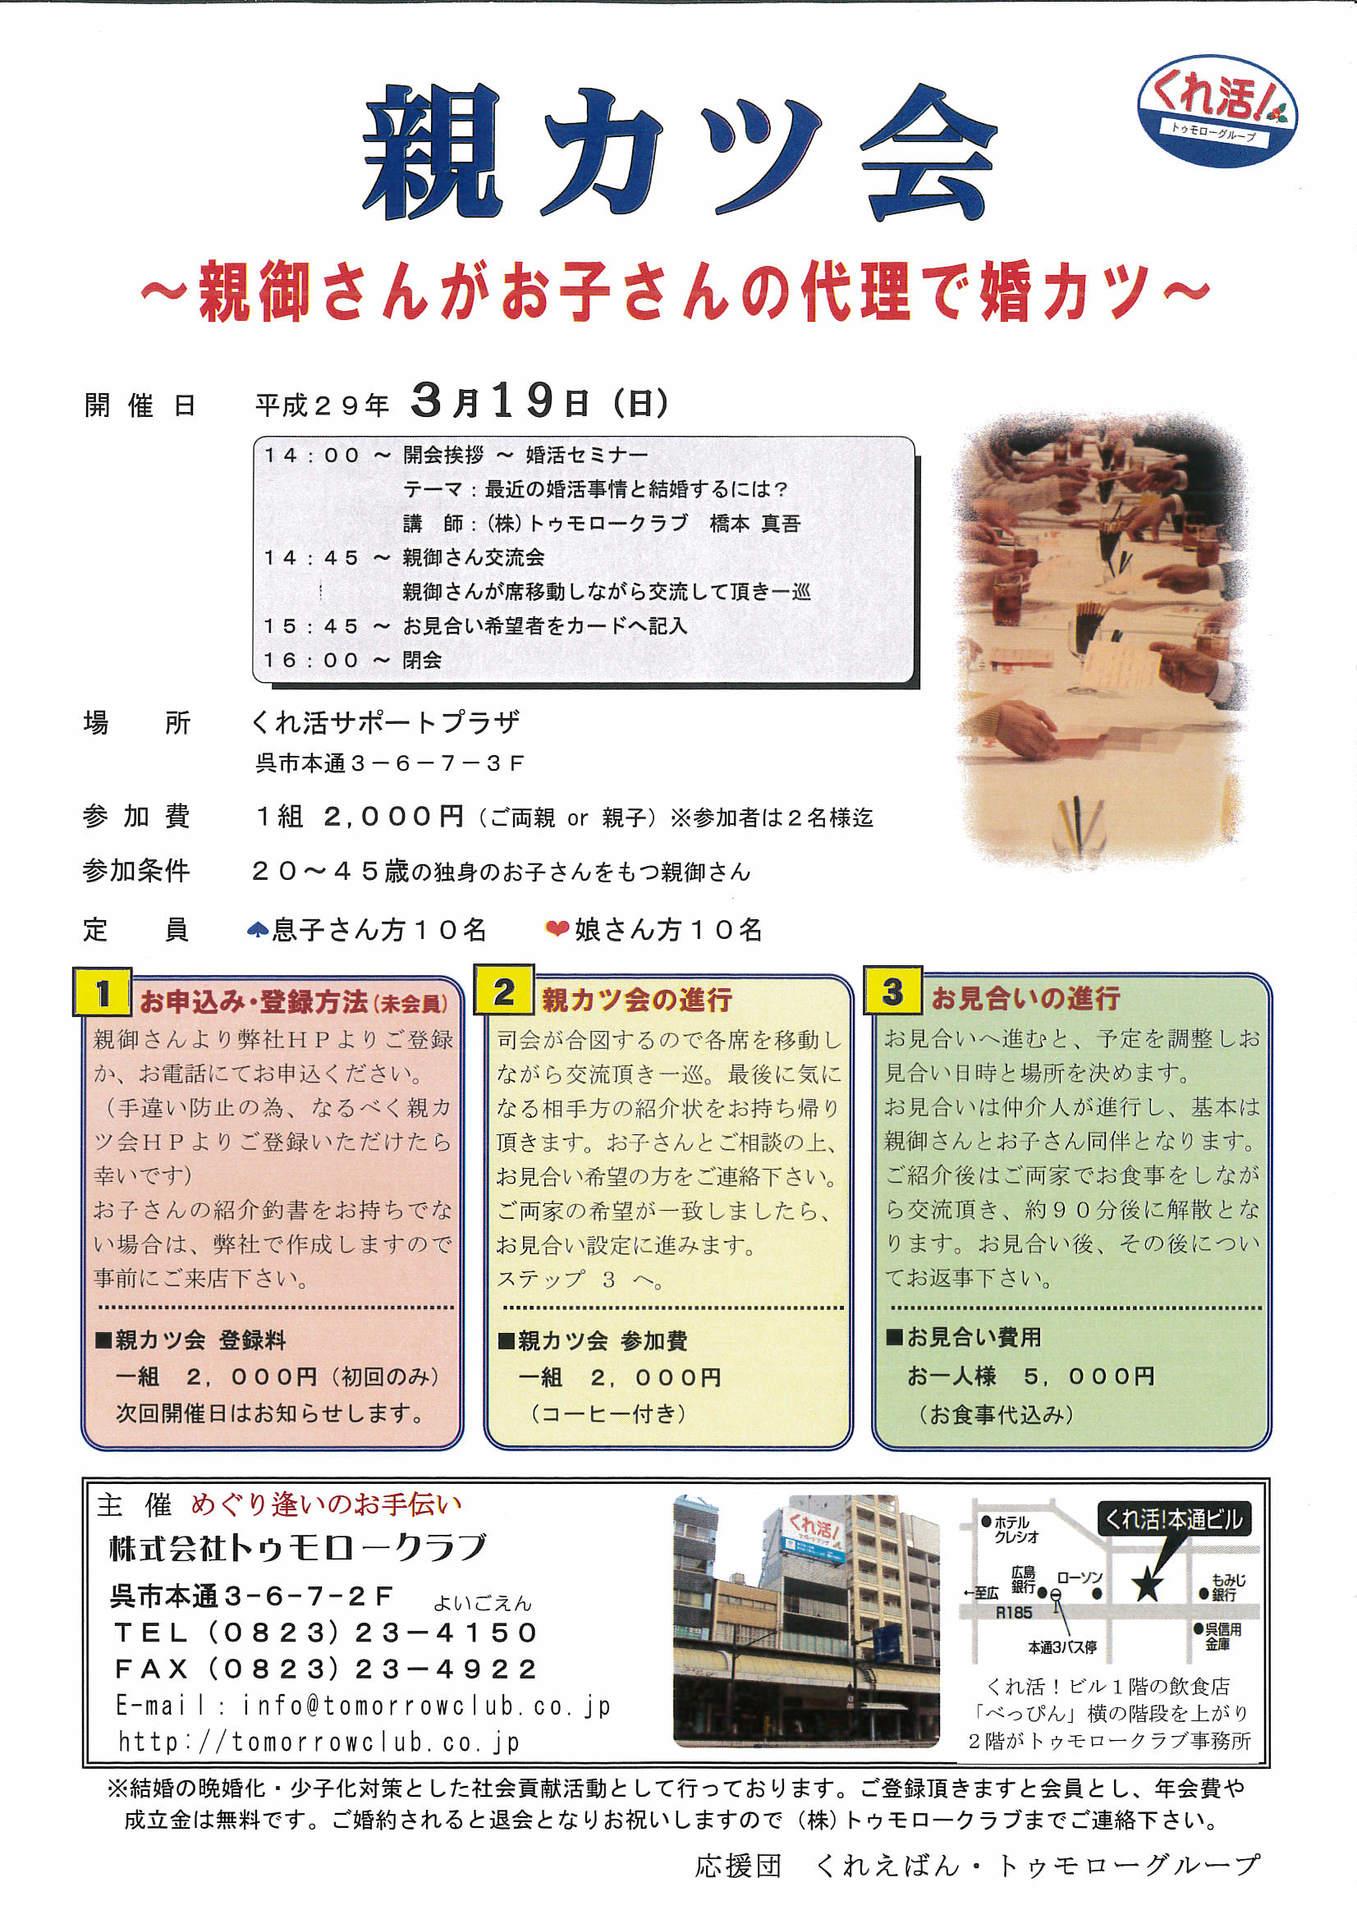 結婚相談所トゥモロークラブの婚活ブログ 恋の相談室